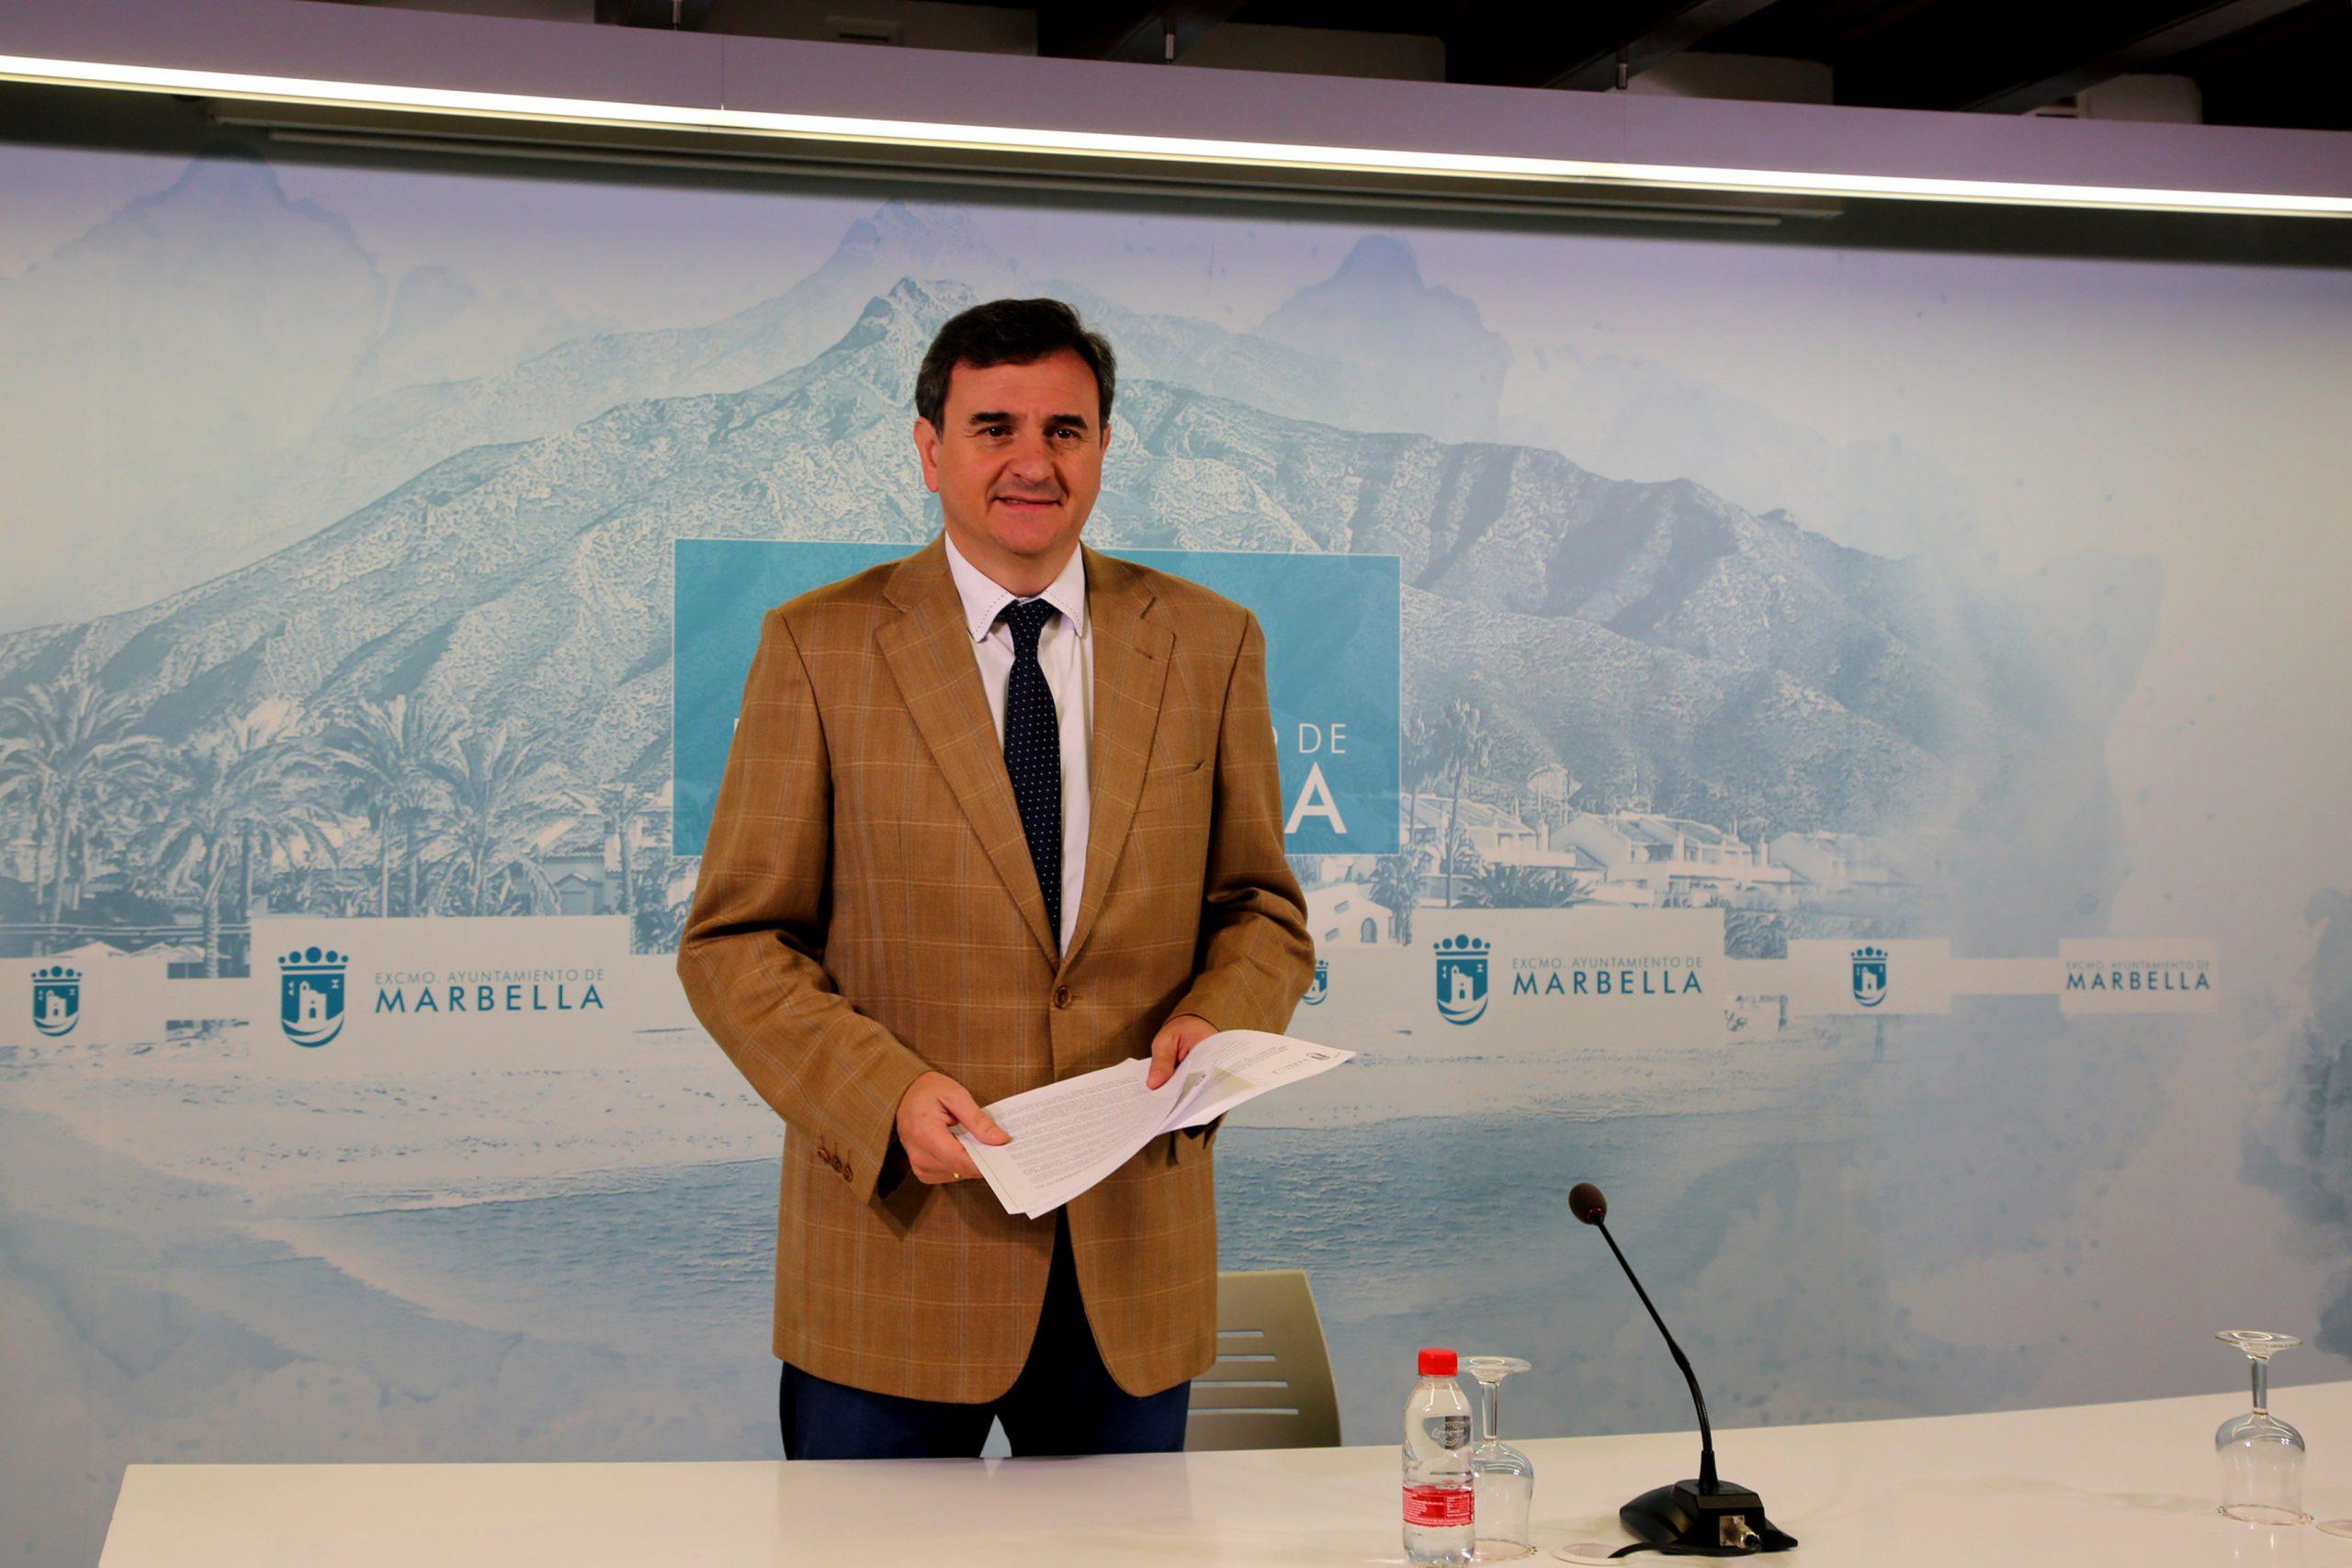 Marbella nombrará hijos predilectos al cocinero Dani García y al actor Pepón Nieto